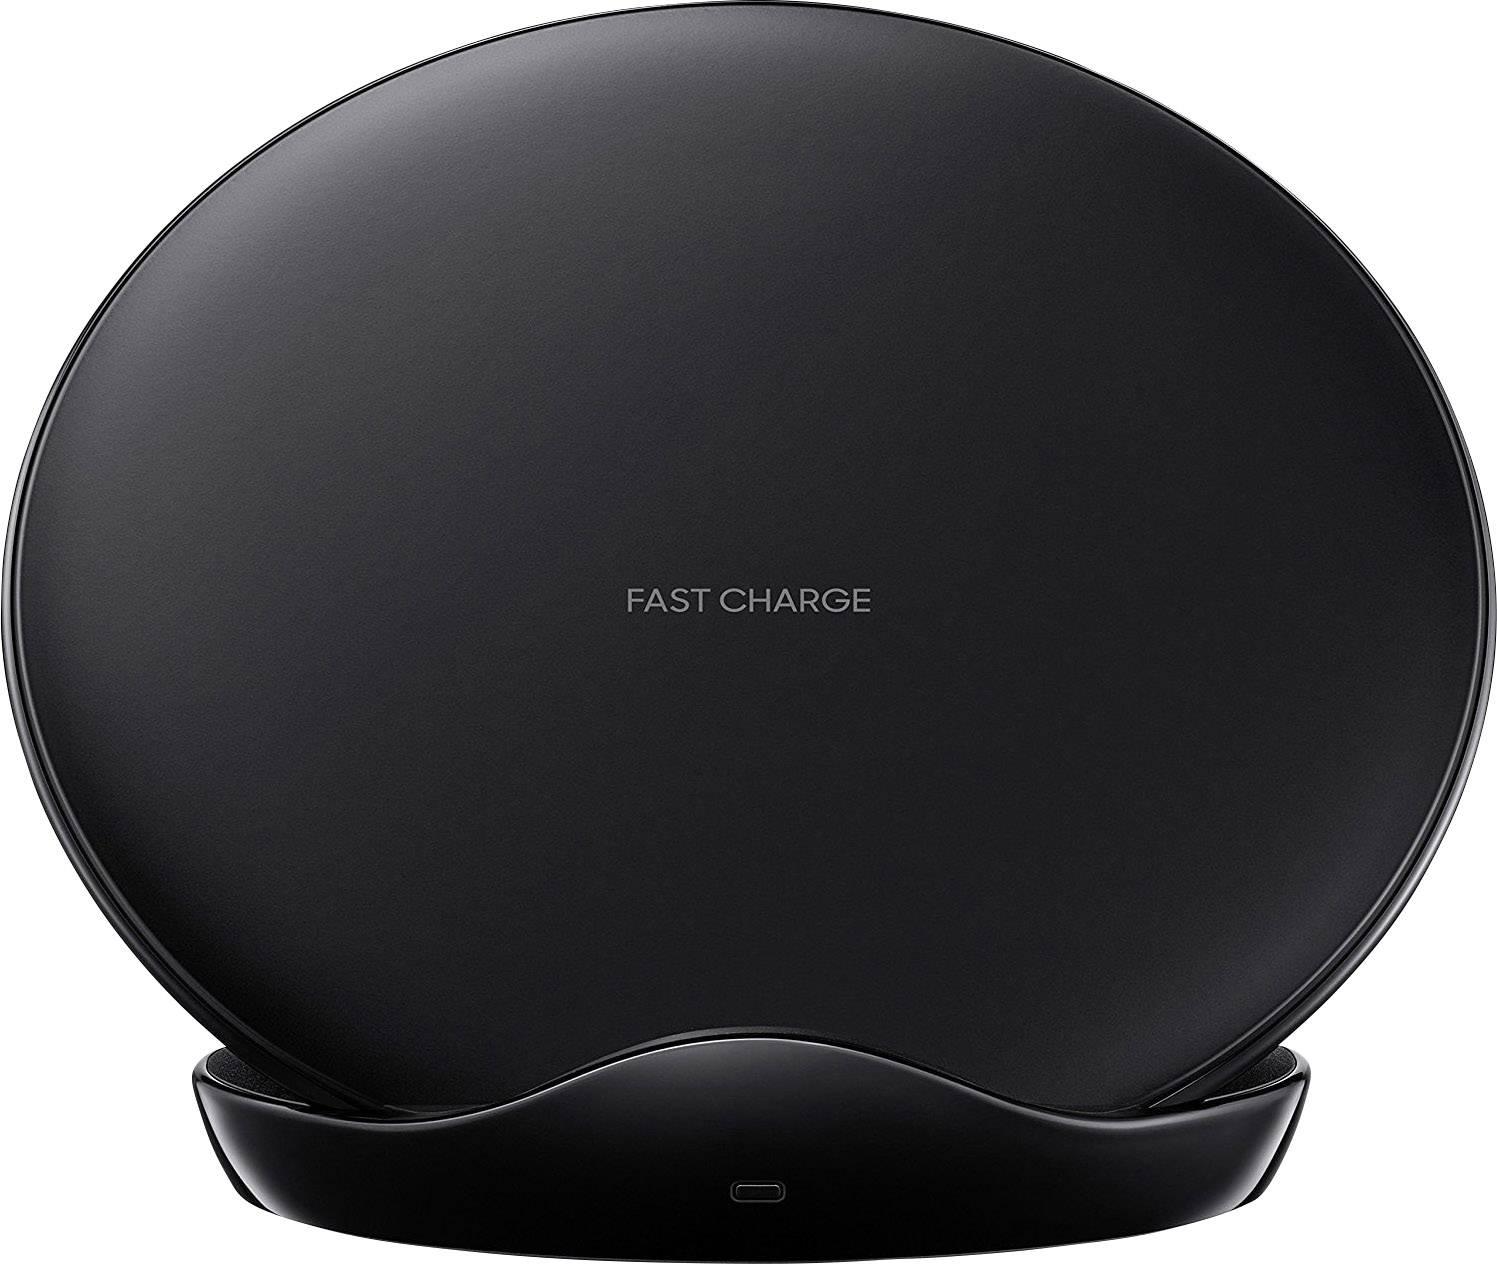 Bezdrátová indukční nabíječka Samsung EP-N5100BBEGWW, Qi standard, černá